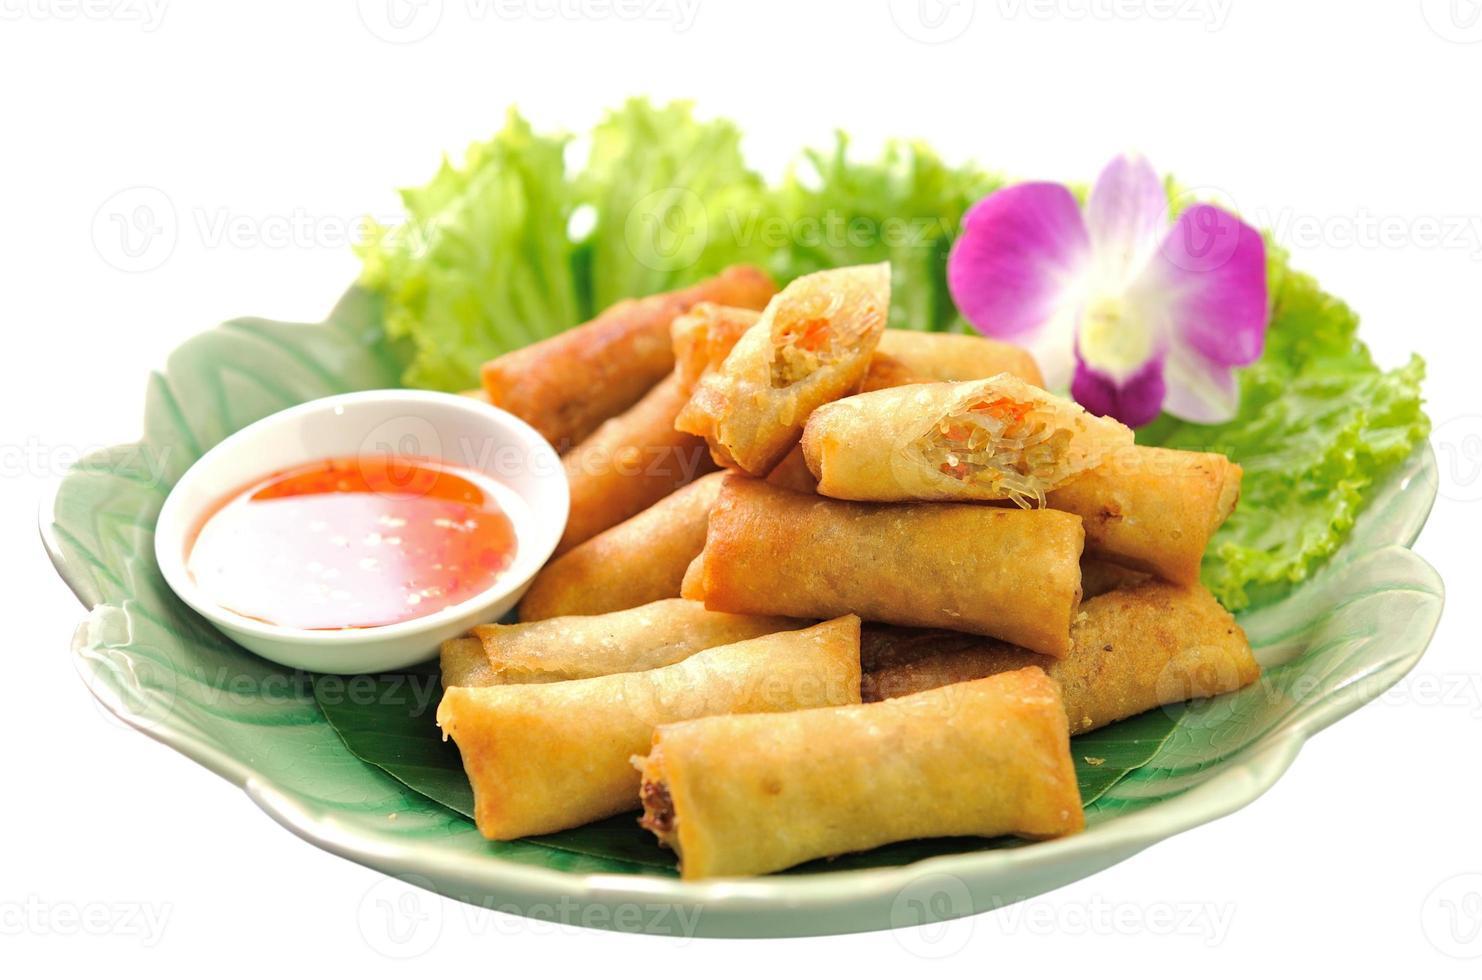 comida china tradicional frita de los rollitos de primavera foto